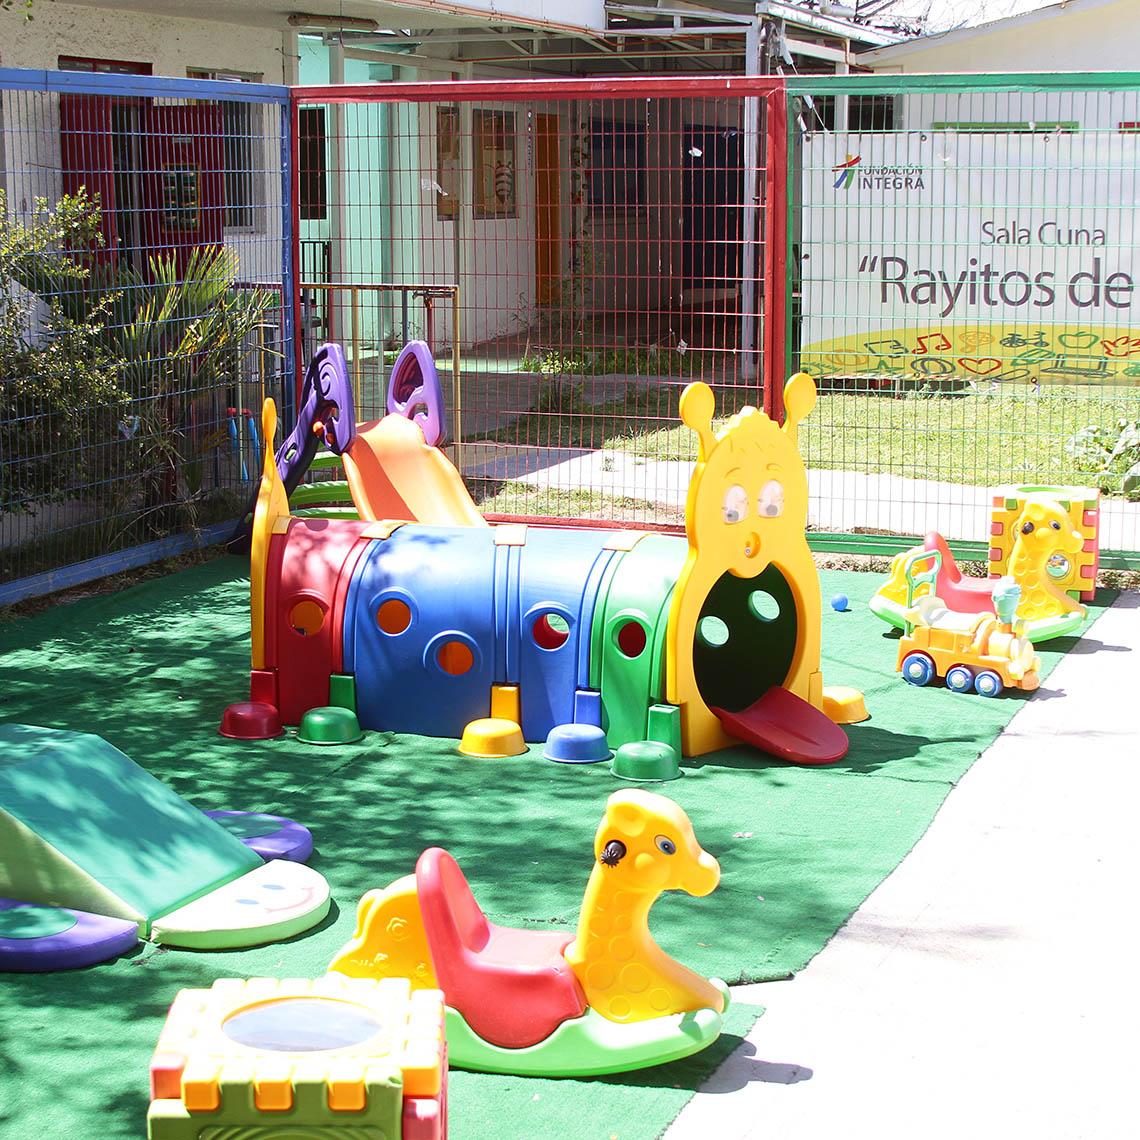 Jardín infantil y sala cuna en recinto penitenciario - Modalidad no convencional